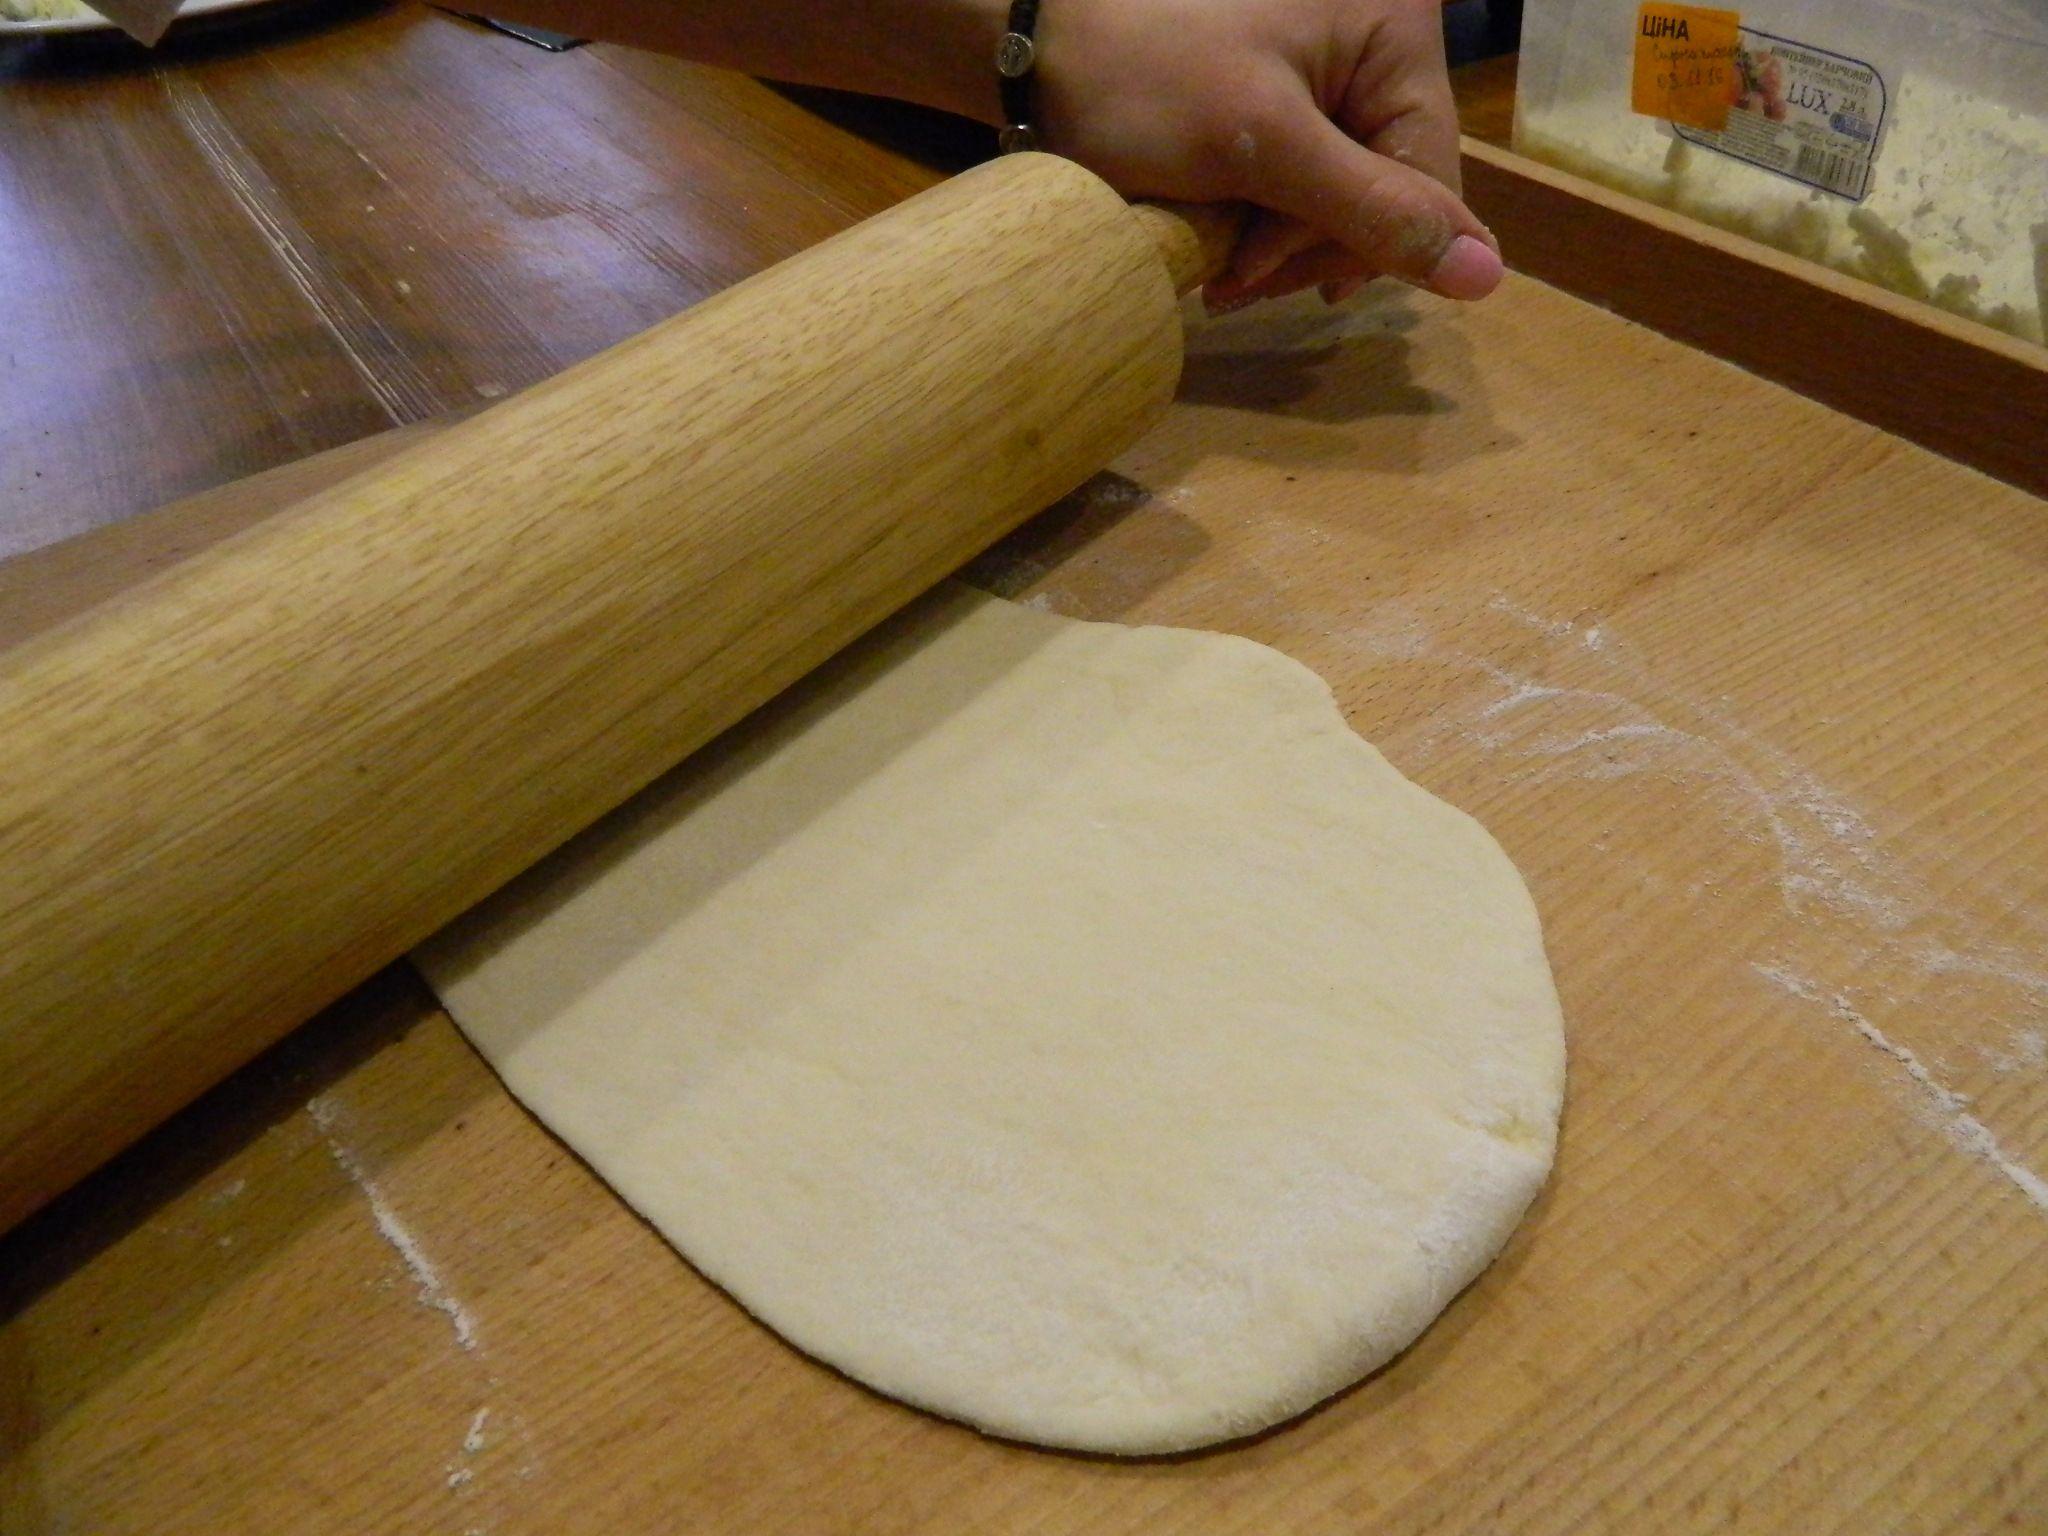 Обкачати кульку тіста у борошні, розкачати паляницю діаметром 10x12 см